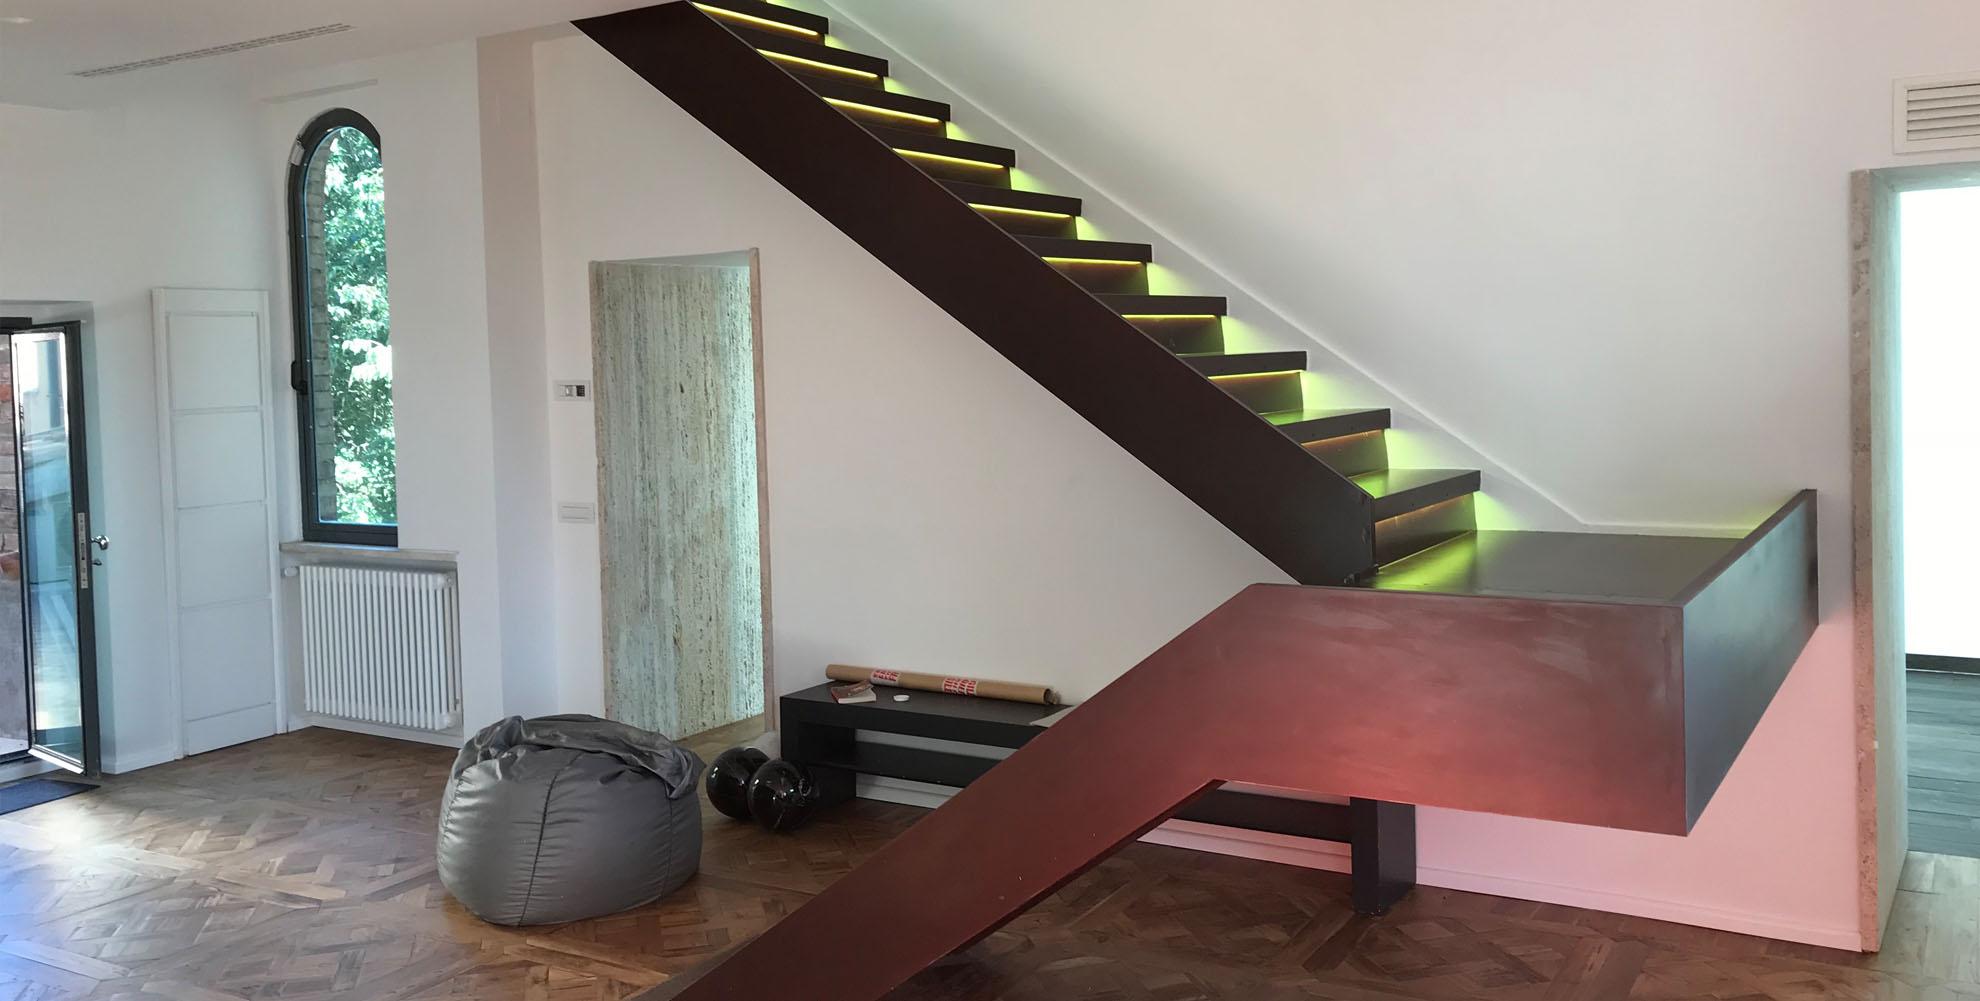 Slide soggiorno scala 219